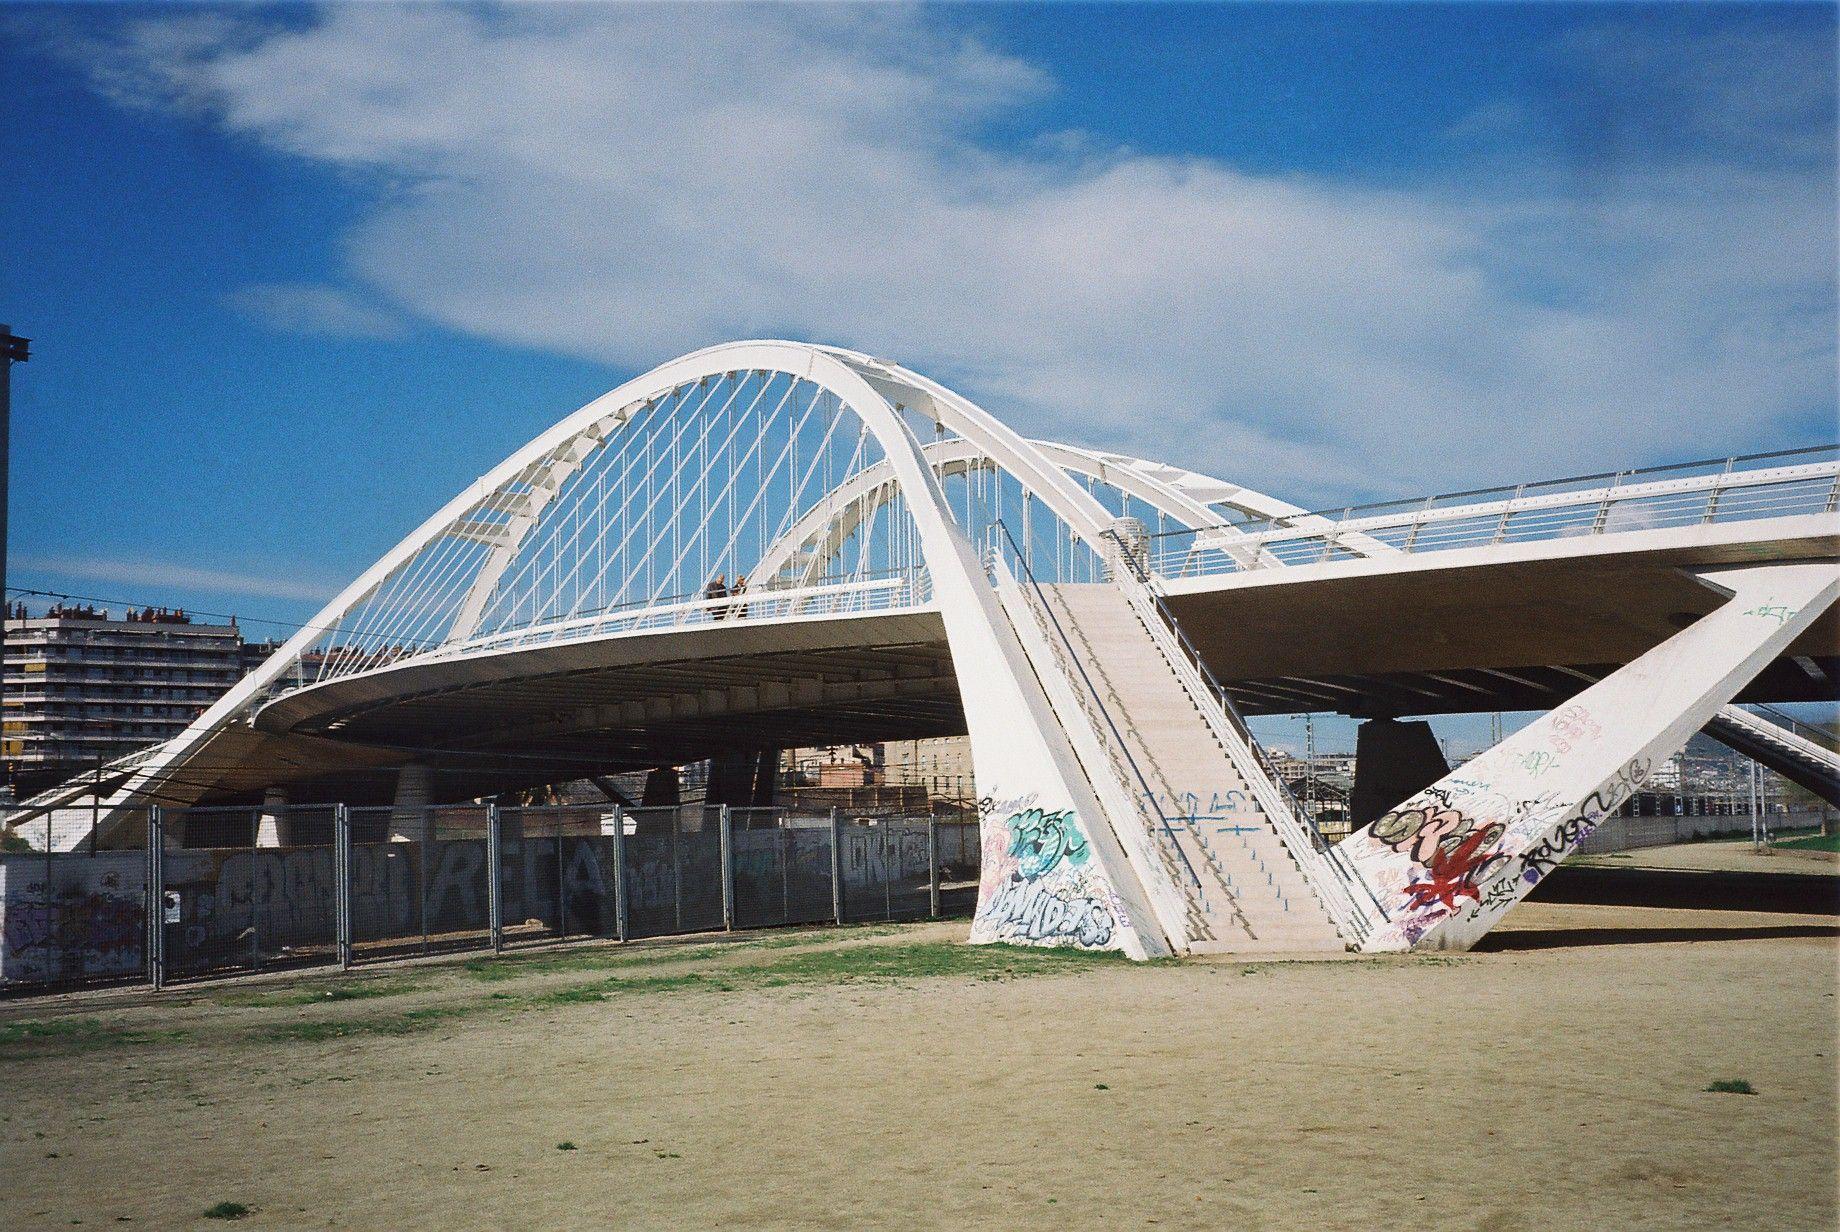 Pont bac de roda viaggi pinterest santiago calatrava for Gimnasio bac de roda